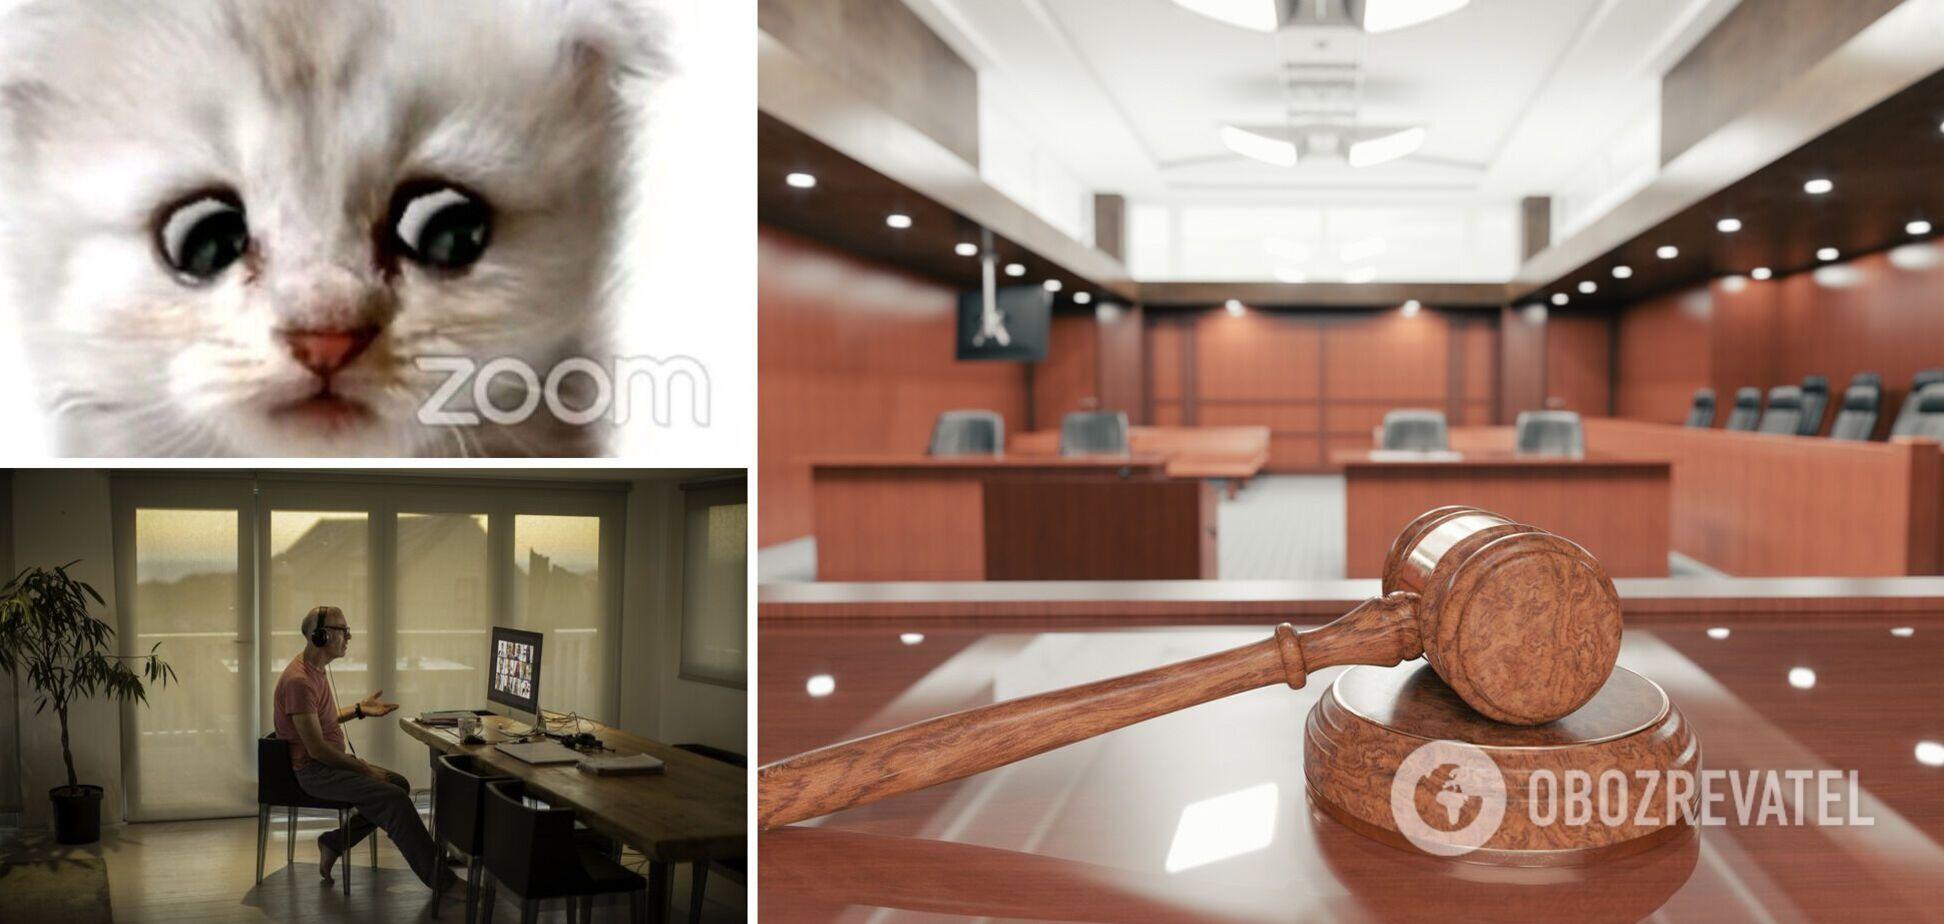 У США адвокат з'явився на судове засідання в Zoom під фільтром кота. Курйозне відео